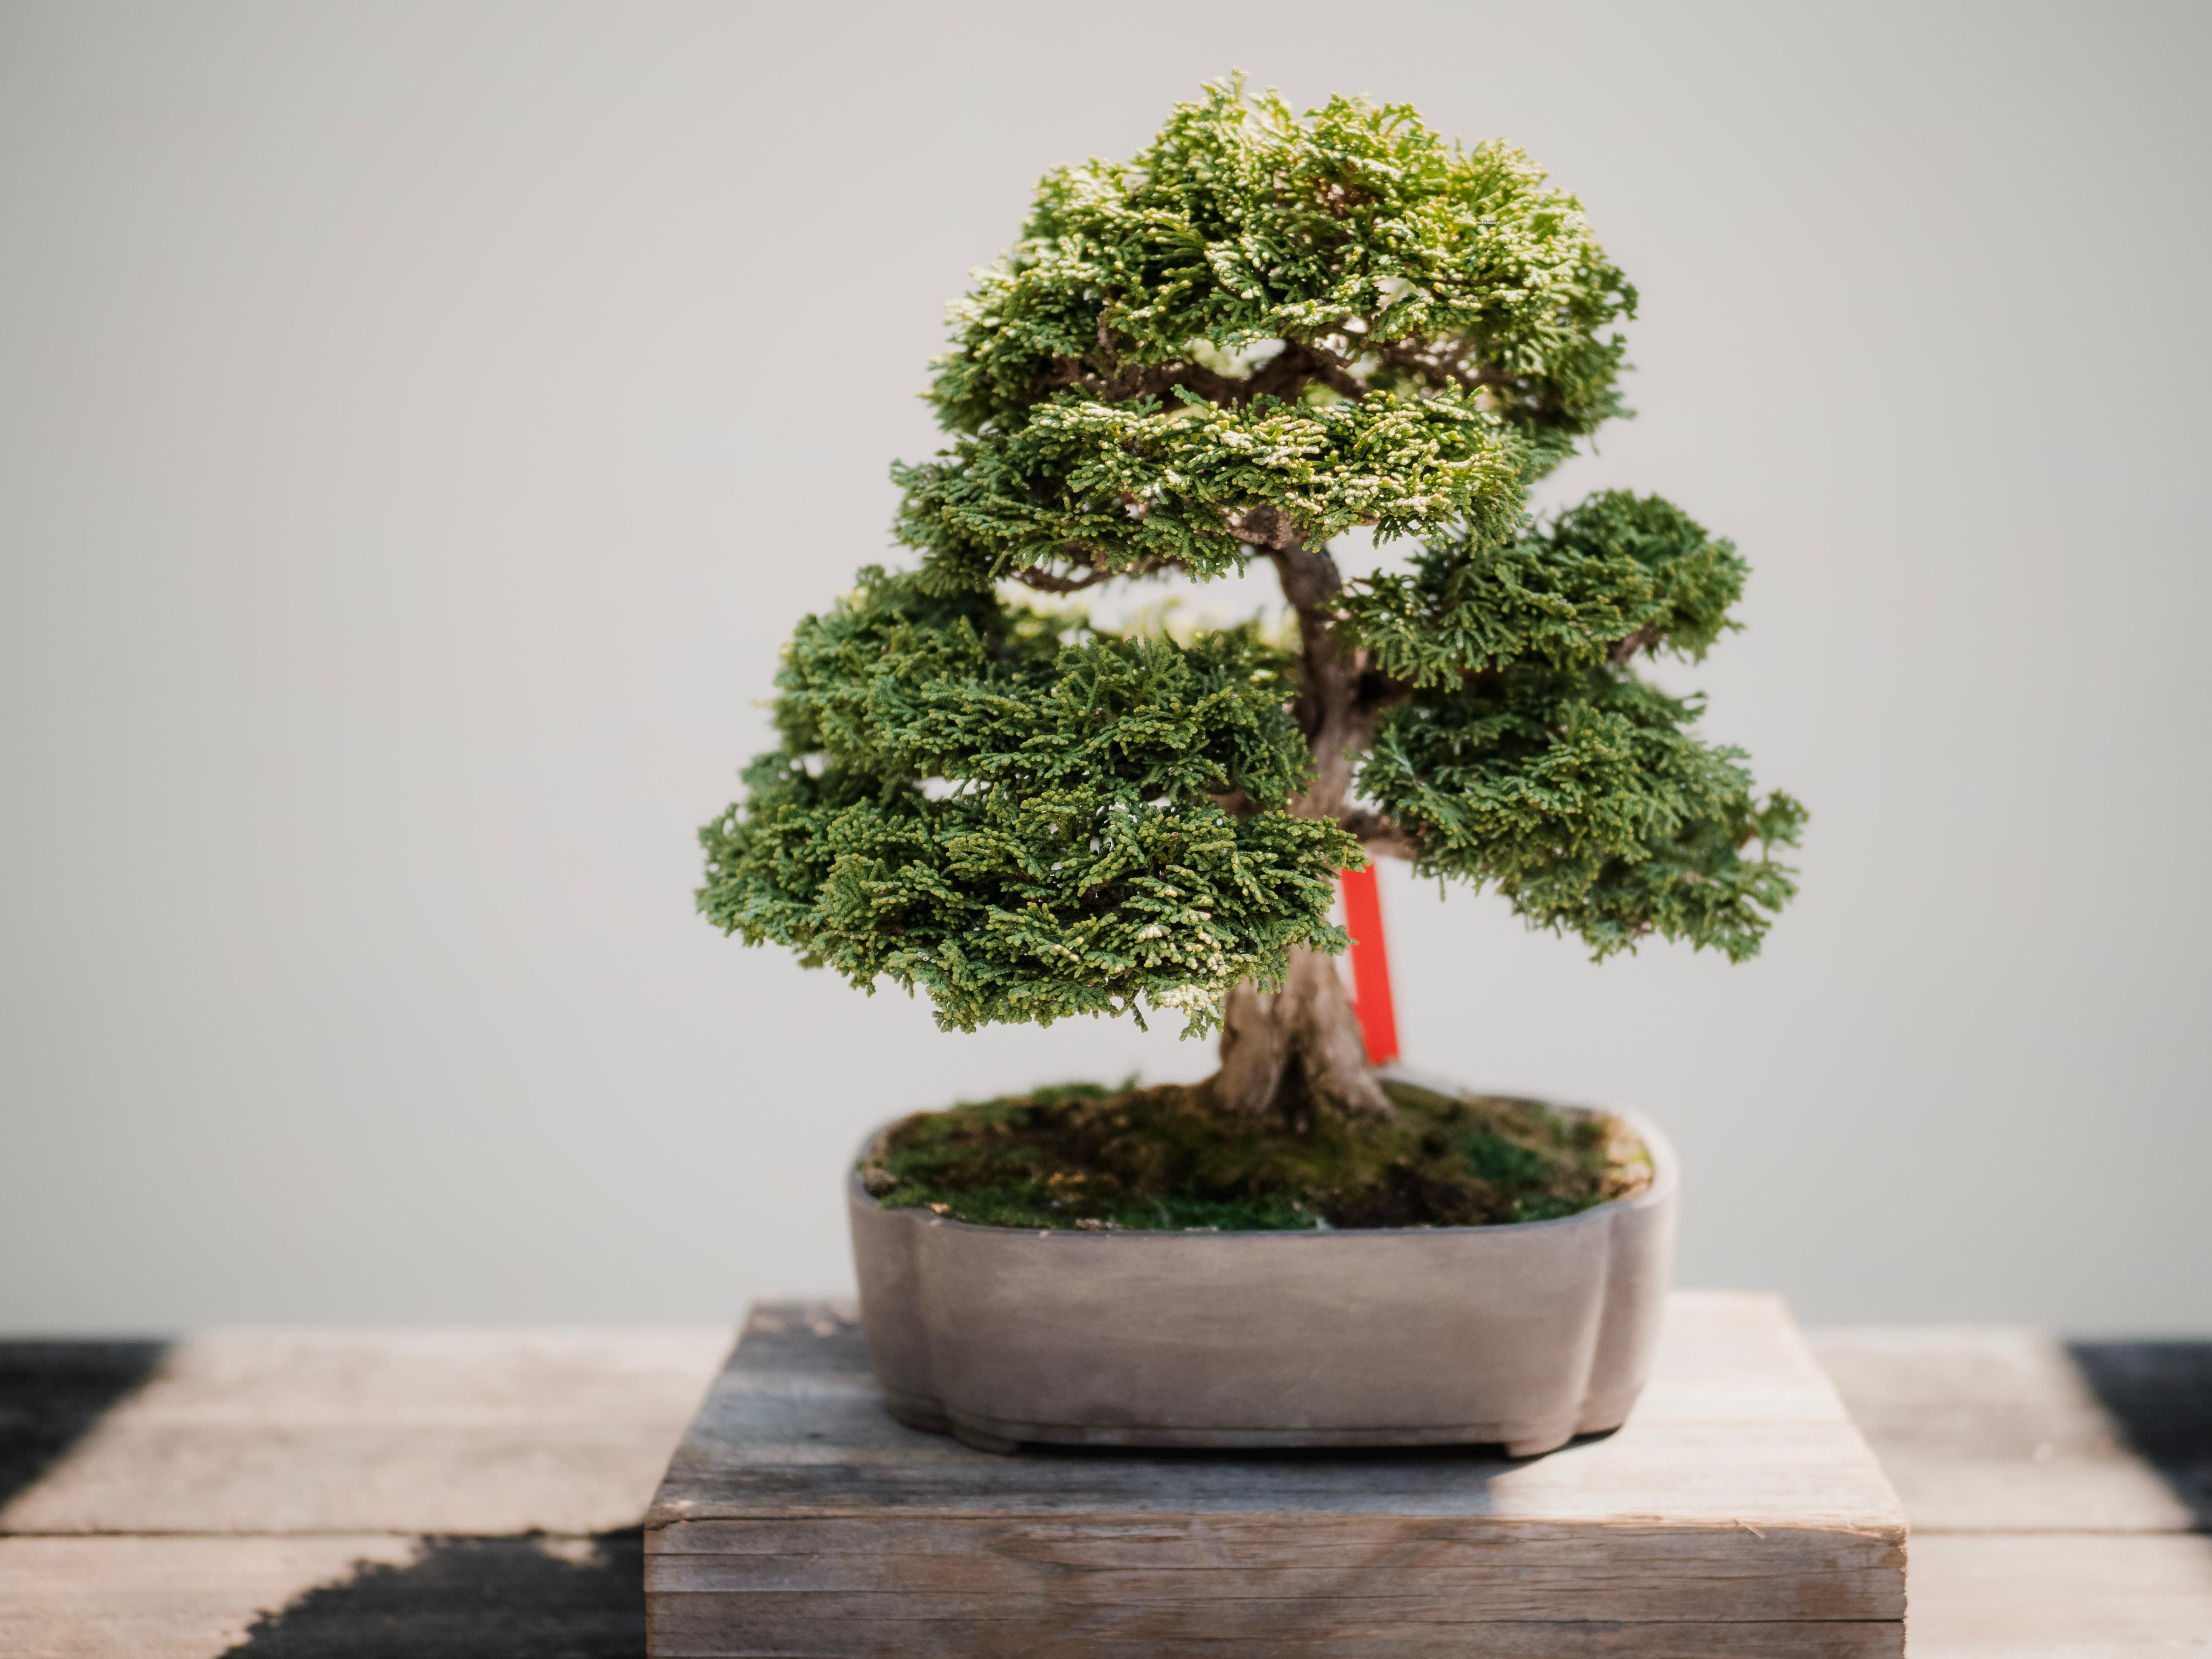 Cara Tips Sukses Membuat Bonsai Beringin Di Rumah Untuk Pemula Rumah123 Com